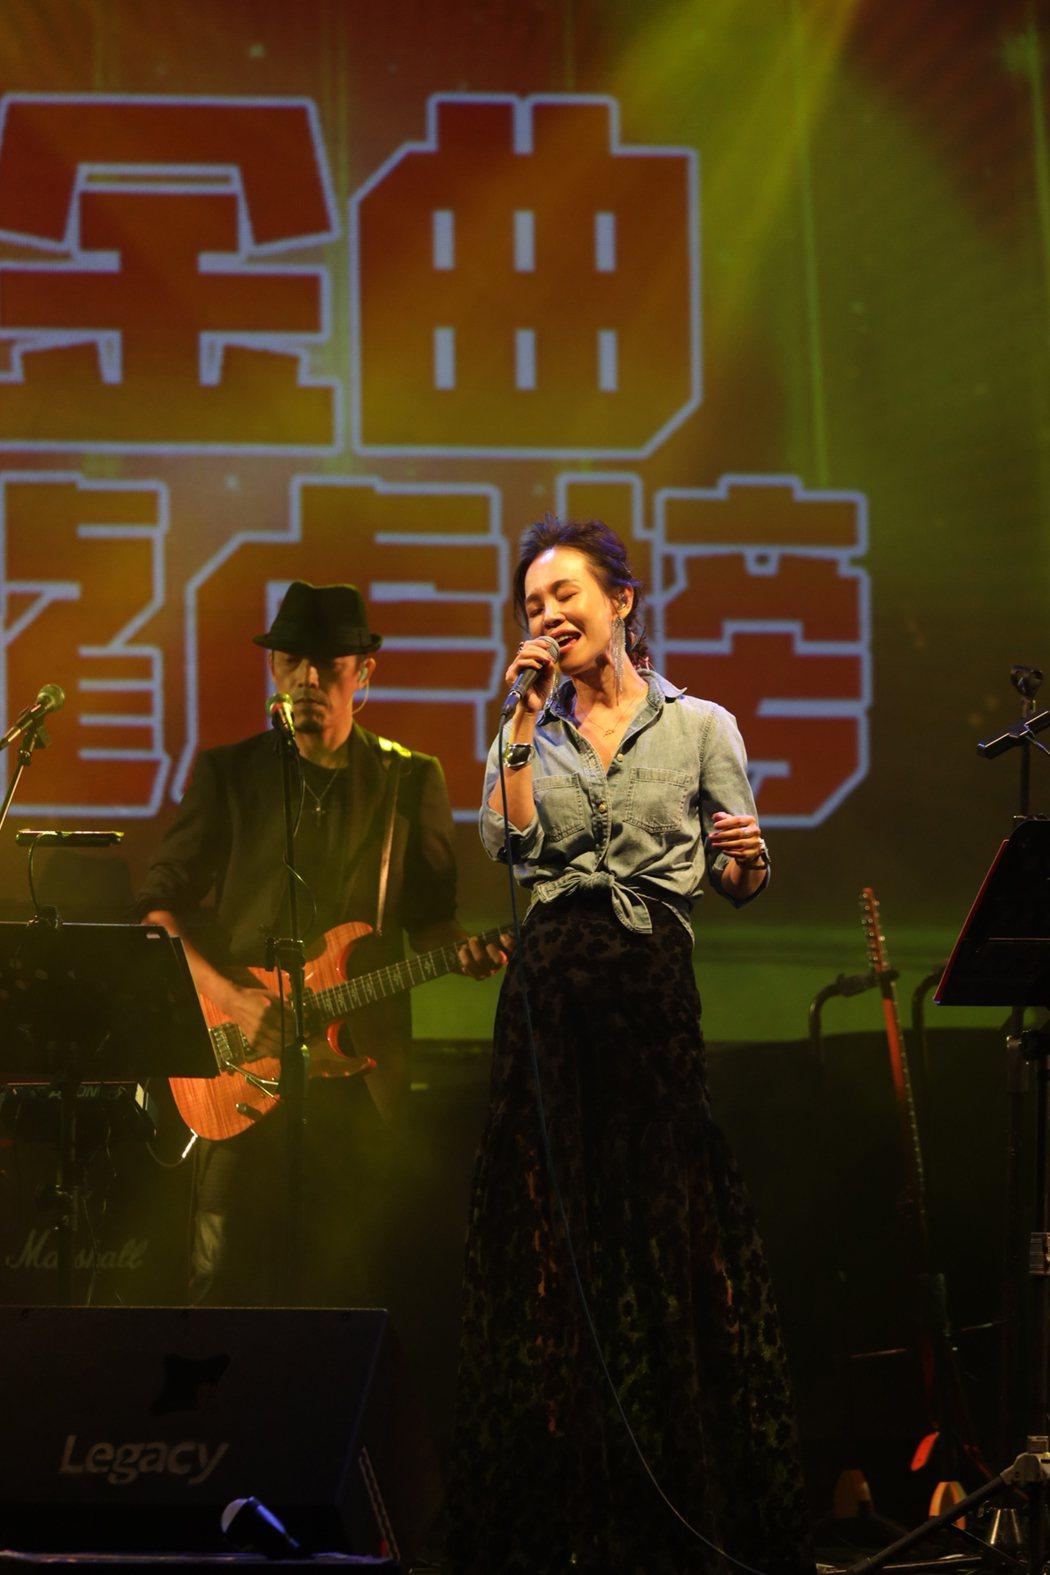 彭佳慧(Julia)26日於華山Legacy舉辦「2019都市女聲演唱會」。圖/